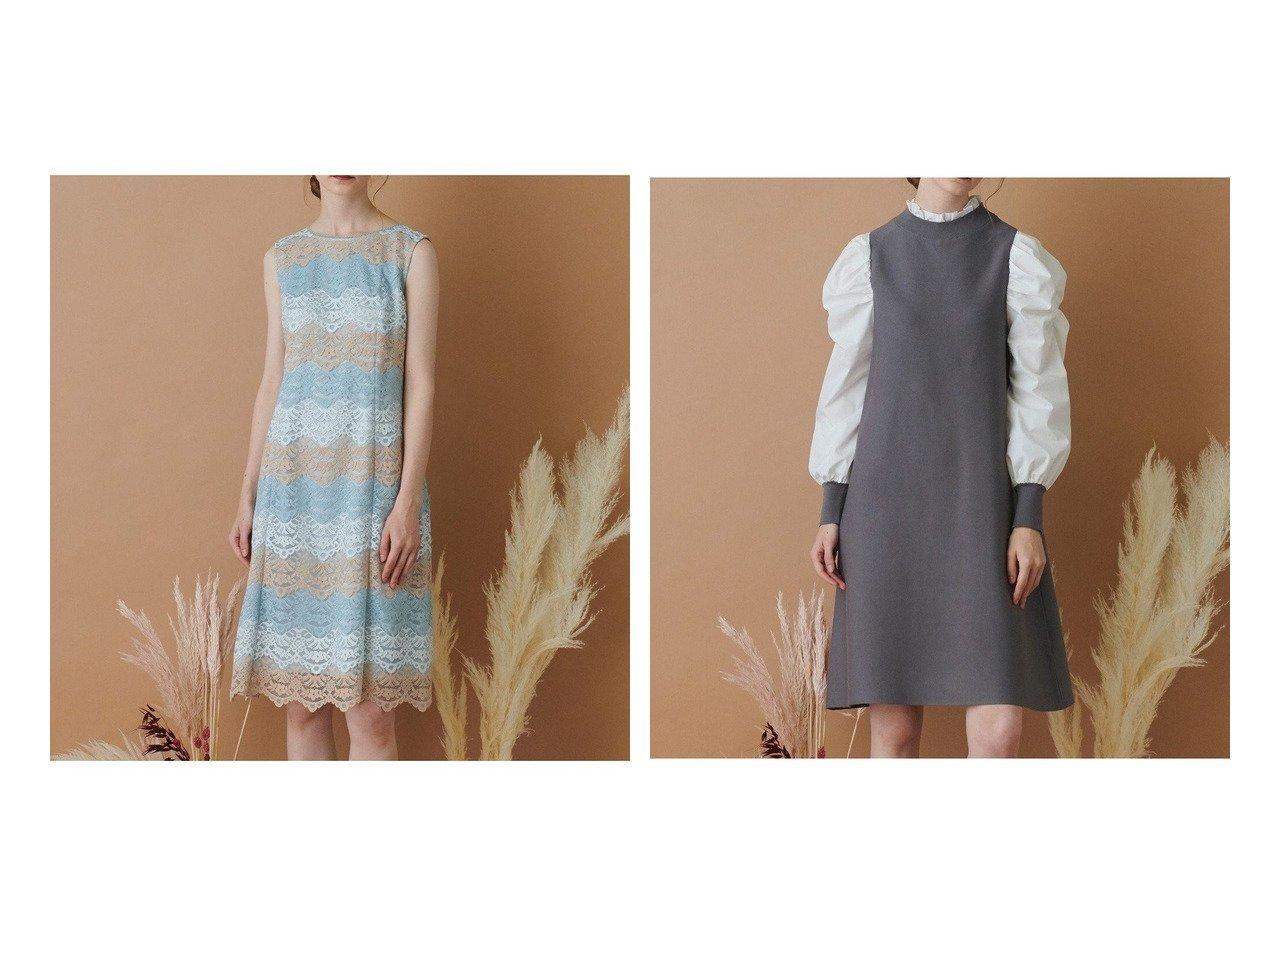 【TOCCA/トッカ】の【TOCCA LAVENDER】Ripple Lace Dress ドレス&【TOCCA LAVENDER】Retro Puff Knit Dress ニットドレス 【ワンピース・ドレス】おすすめ!人気、トレンド・レディースファッションの通販 おすすめで人気の流行・トレンド、ファッションの通販商品 インテリア・家具・メンズファッション・キッズファッション・レディースファッション・服の通販 founy(ファニー) https://founy.com/ ファッション Fashion レディースファッション WOMEN ワンピース Dress ドレス Party Dresses ニットワンピース Knit Dresses 送料無料 Free Shipping ドレス  ID:crp329100000060606